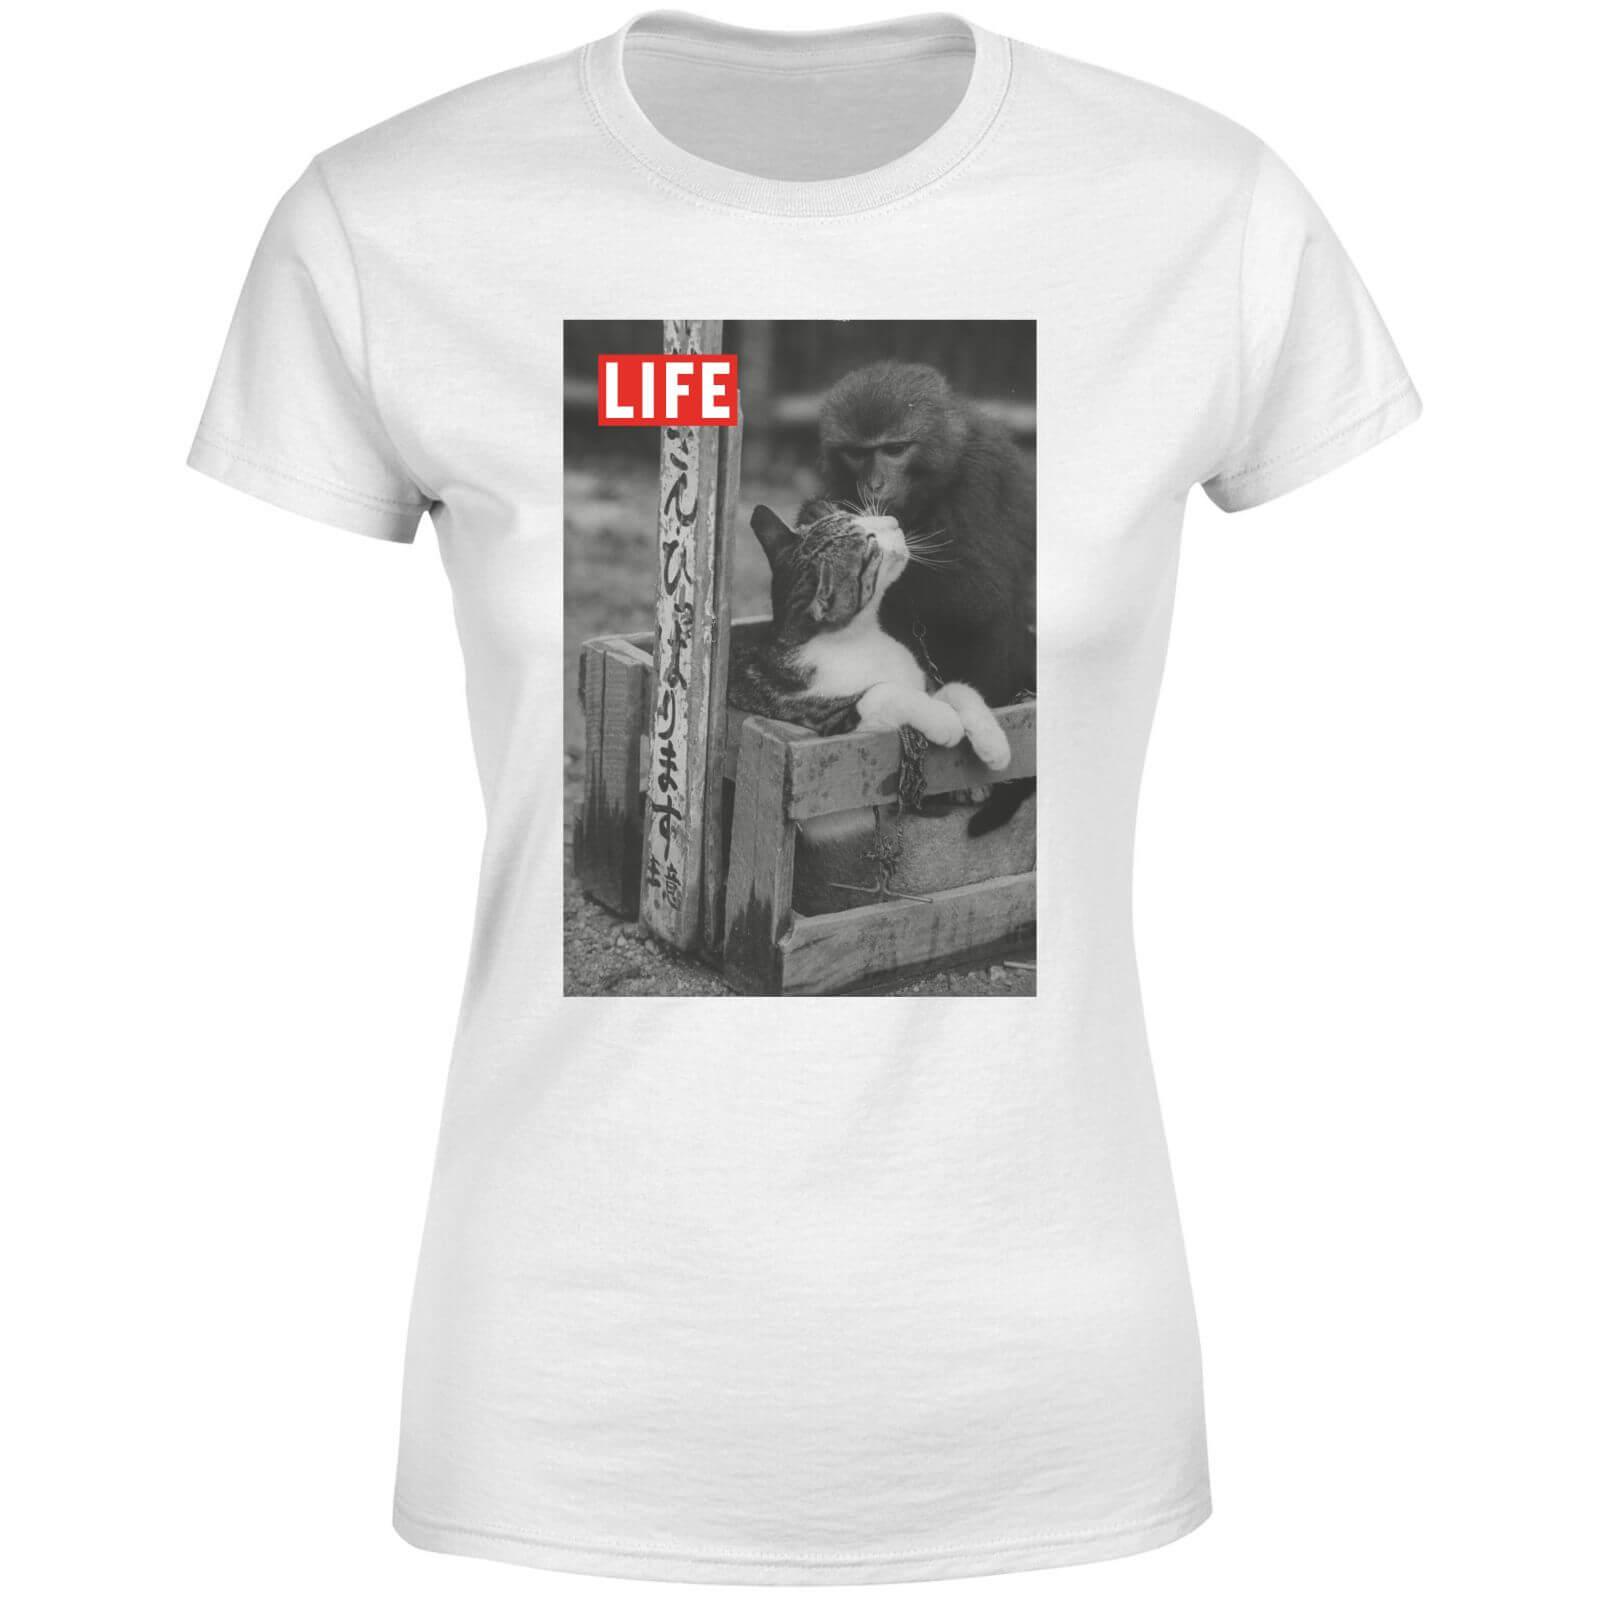 LIFE Magazine Monkey And Cat Women's T-Shirt - White - L - White-female